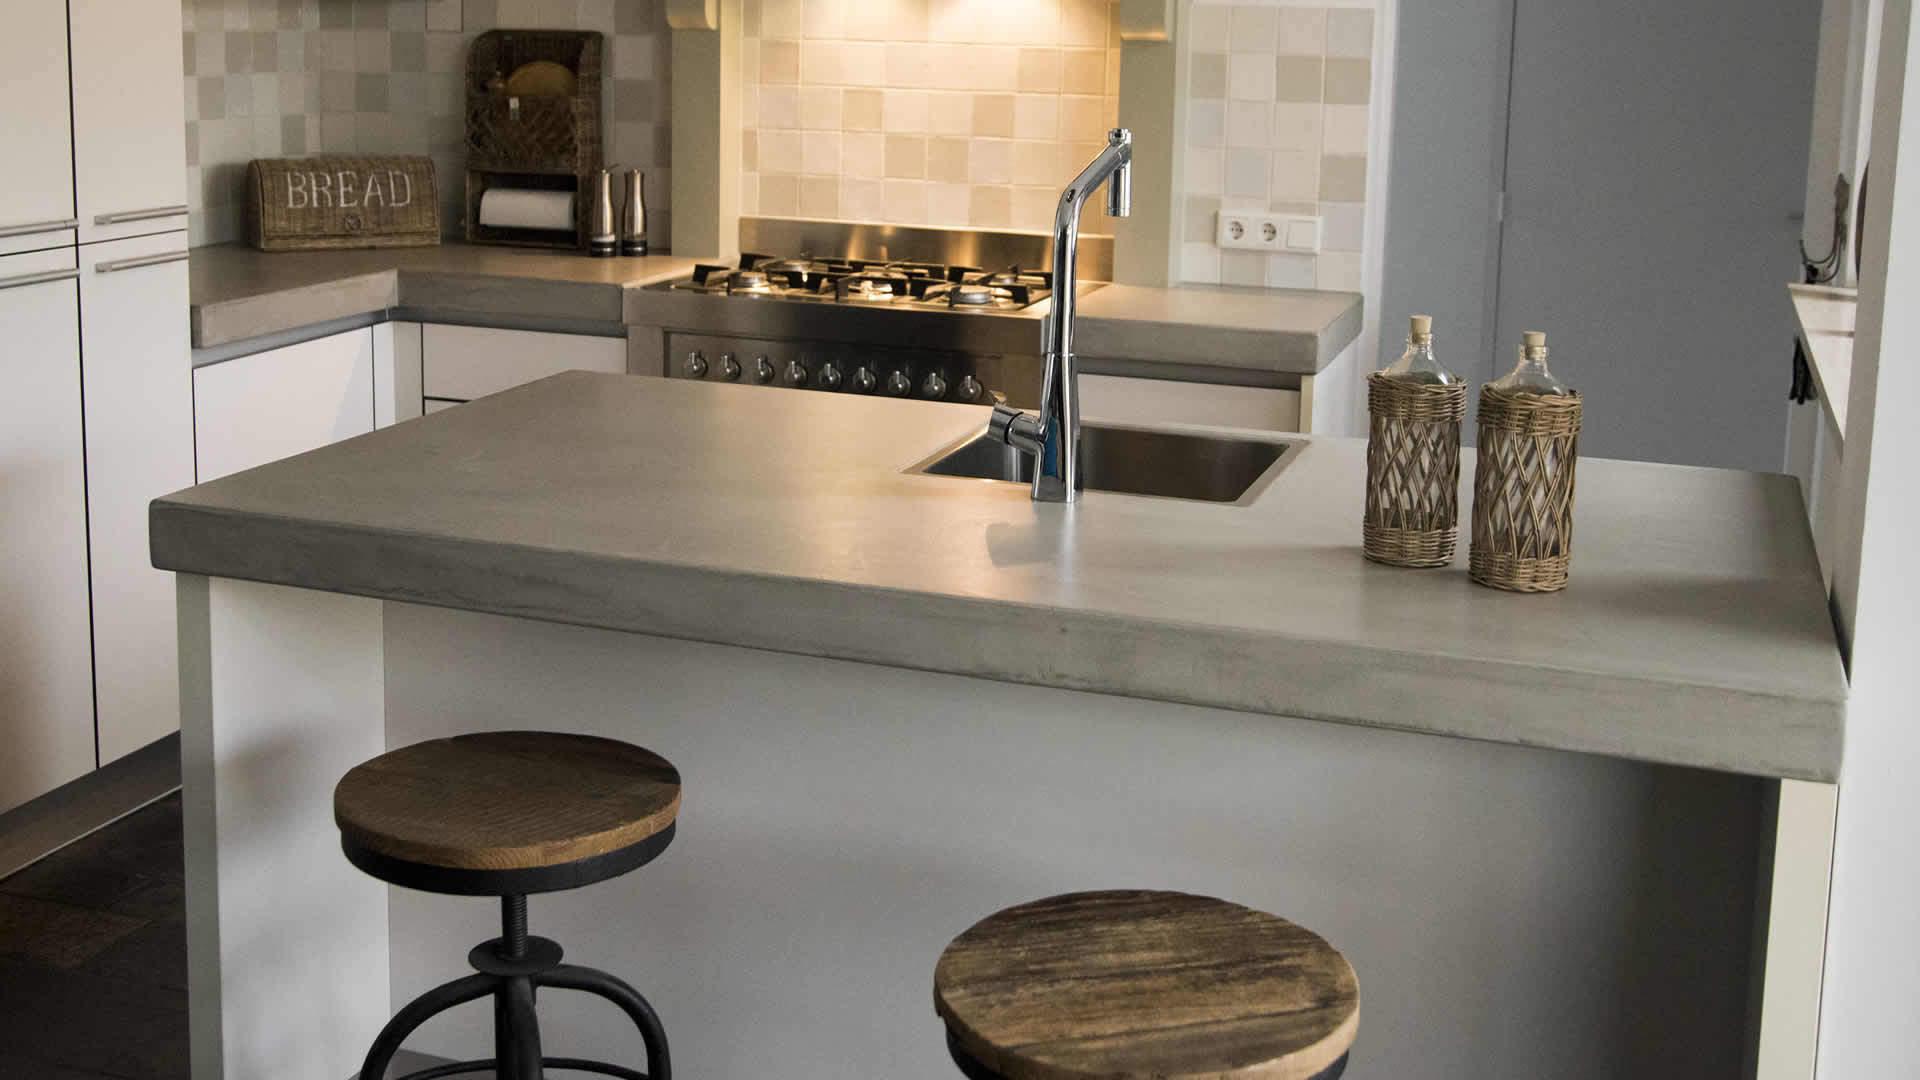 Beton Cire Keuken : Beton ciré keuken in leidschendam door betoncirevakman